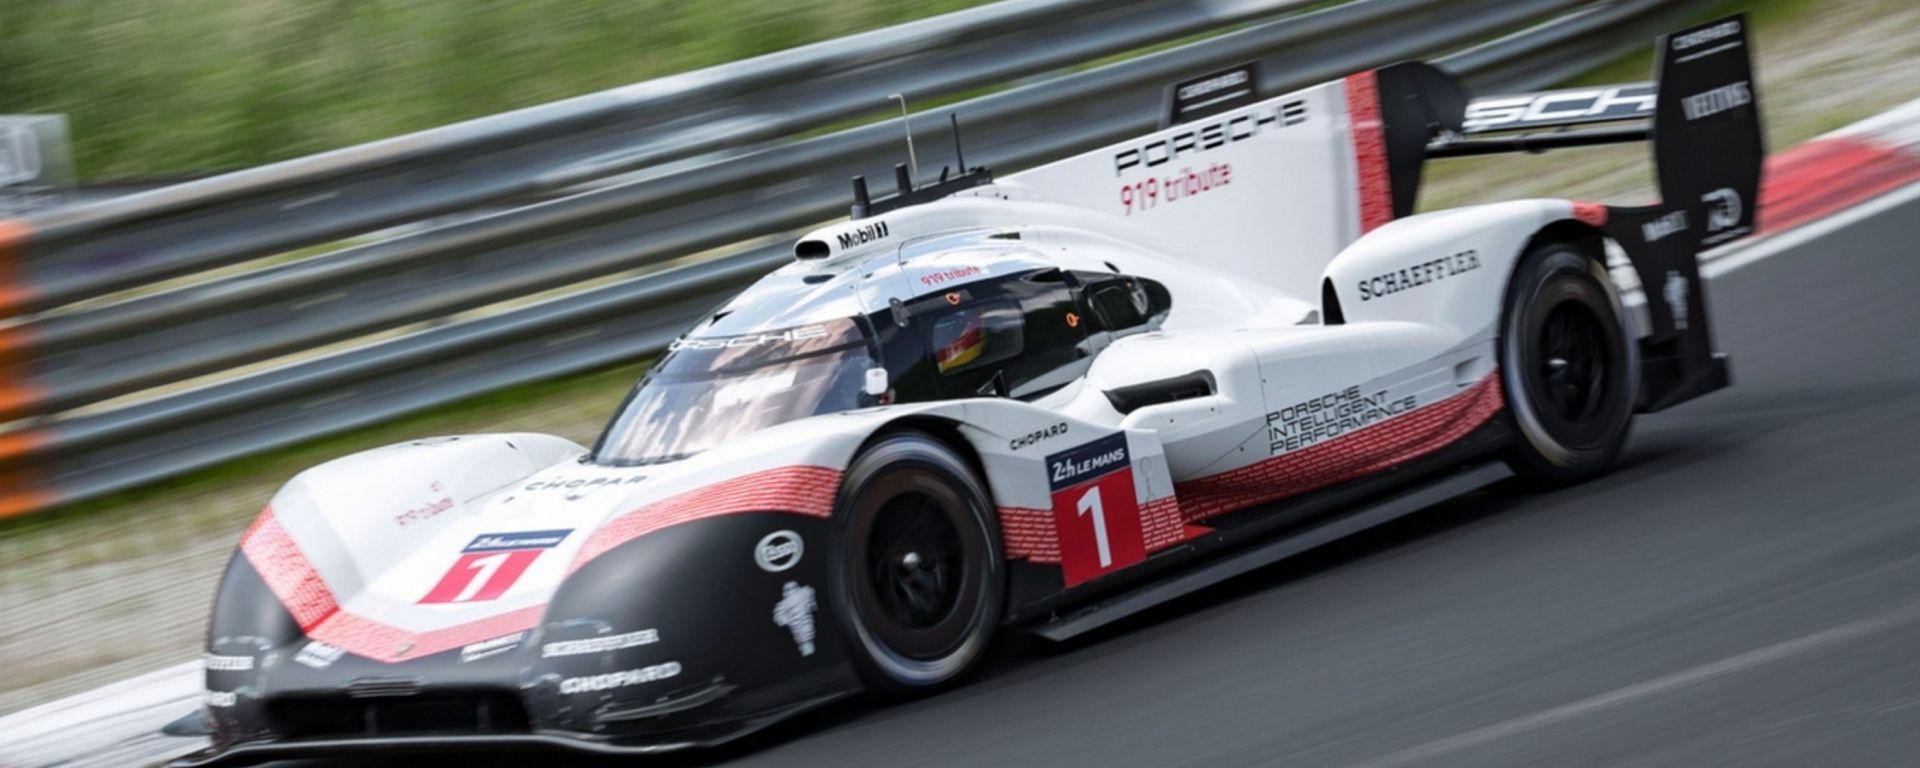 Porsche 919 Evo, è record! Il Nurburgring in 5 minuti